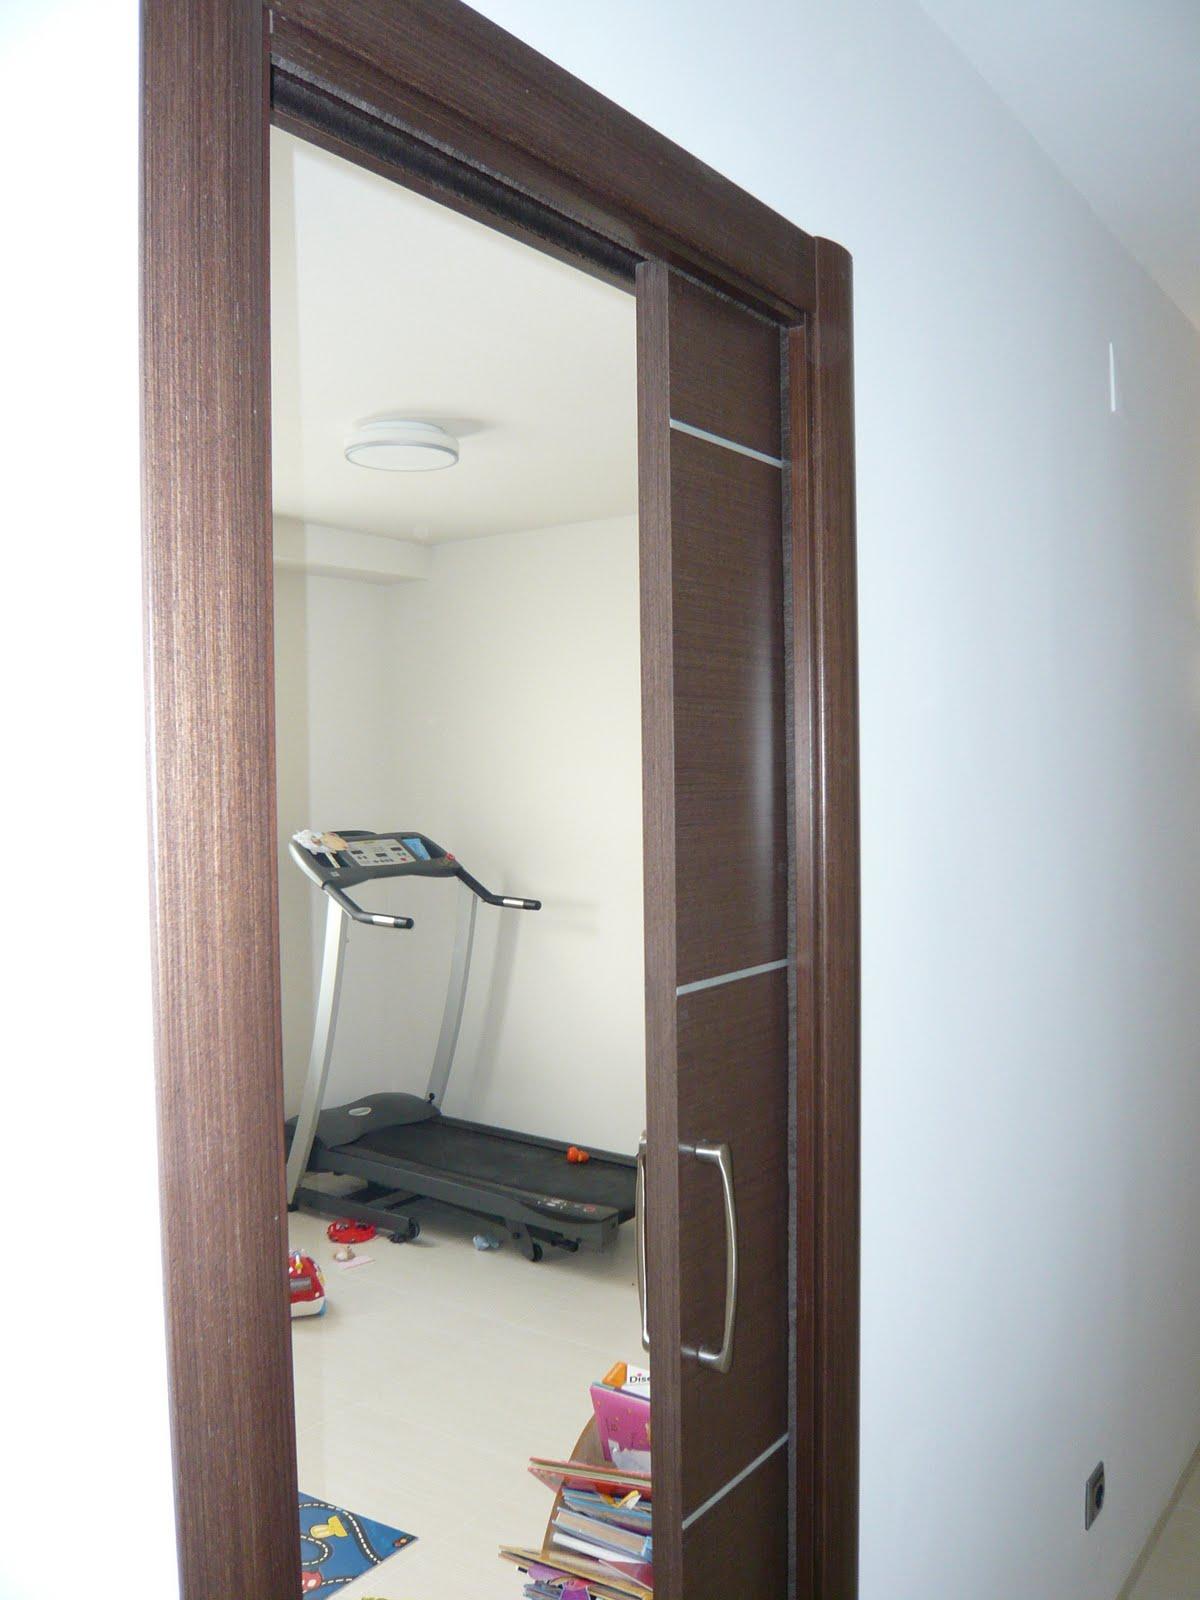 Pin reuscuina puertas interiores de wengue on pinterest - Puertas de interiores ...